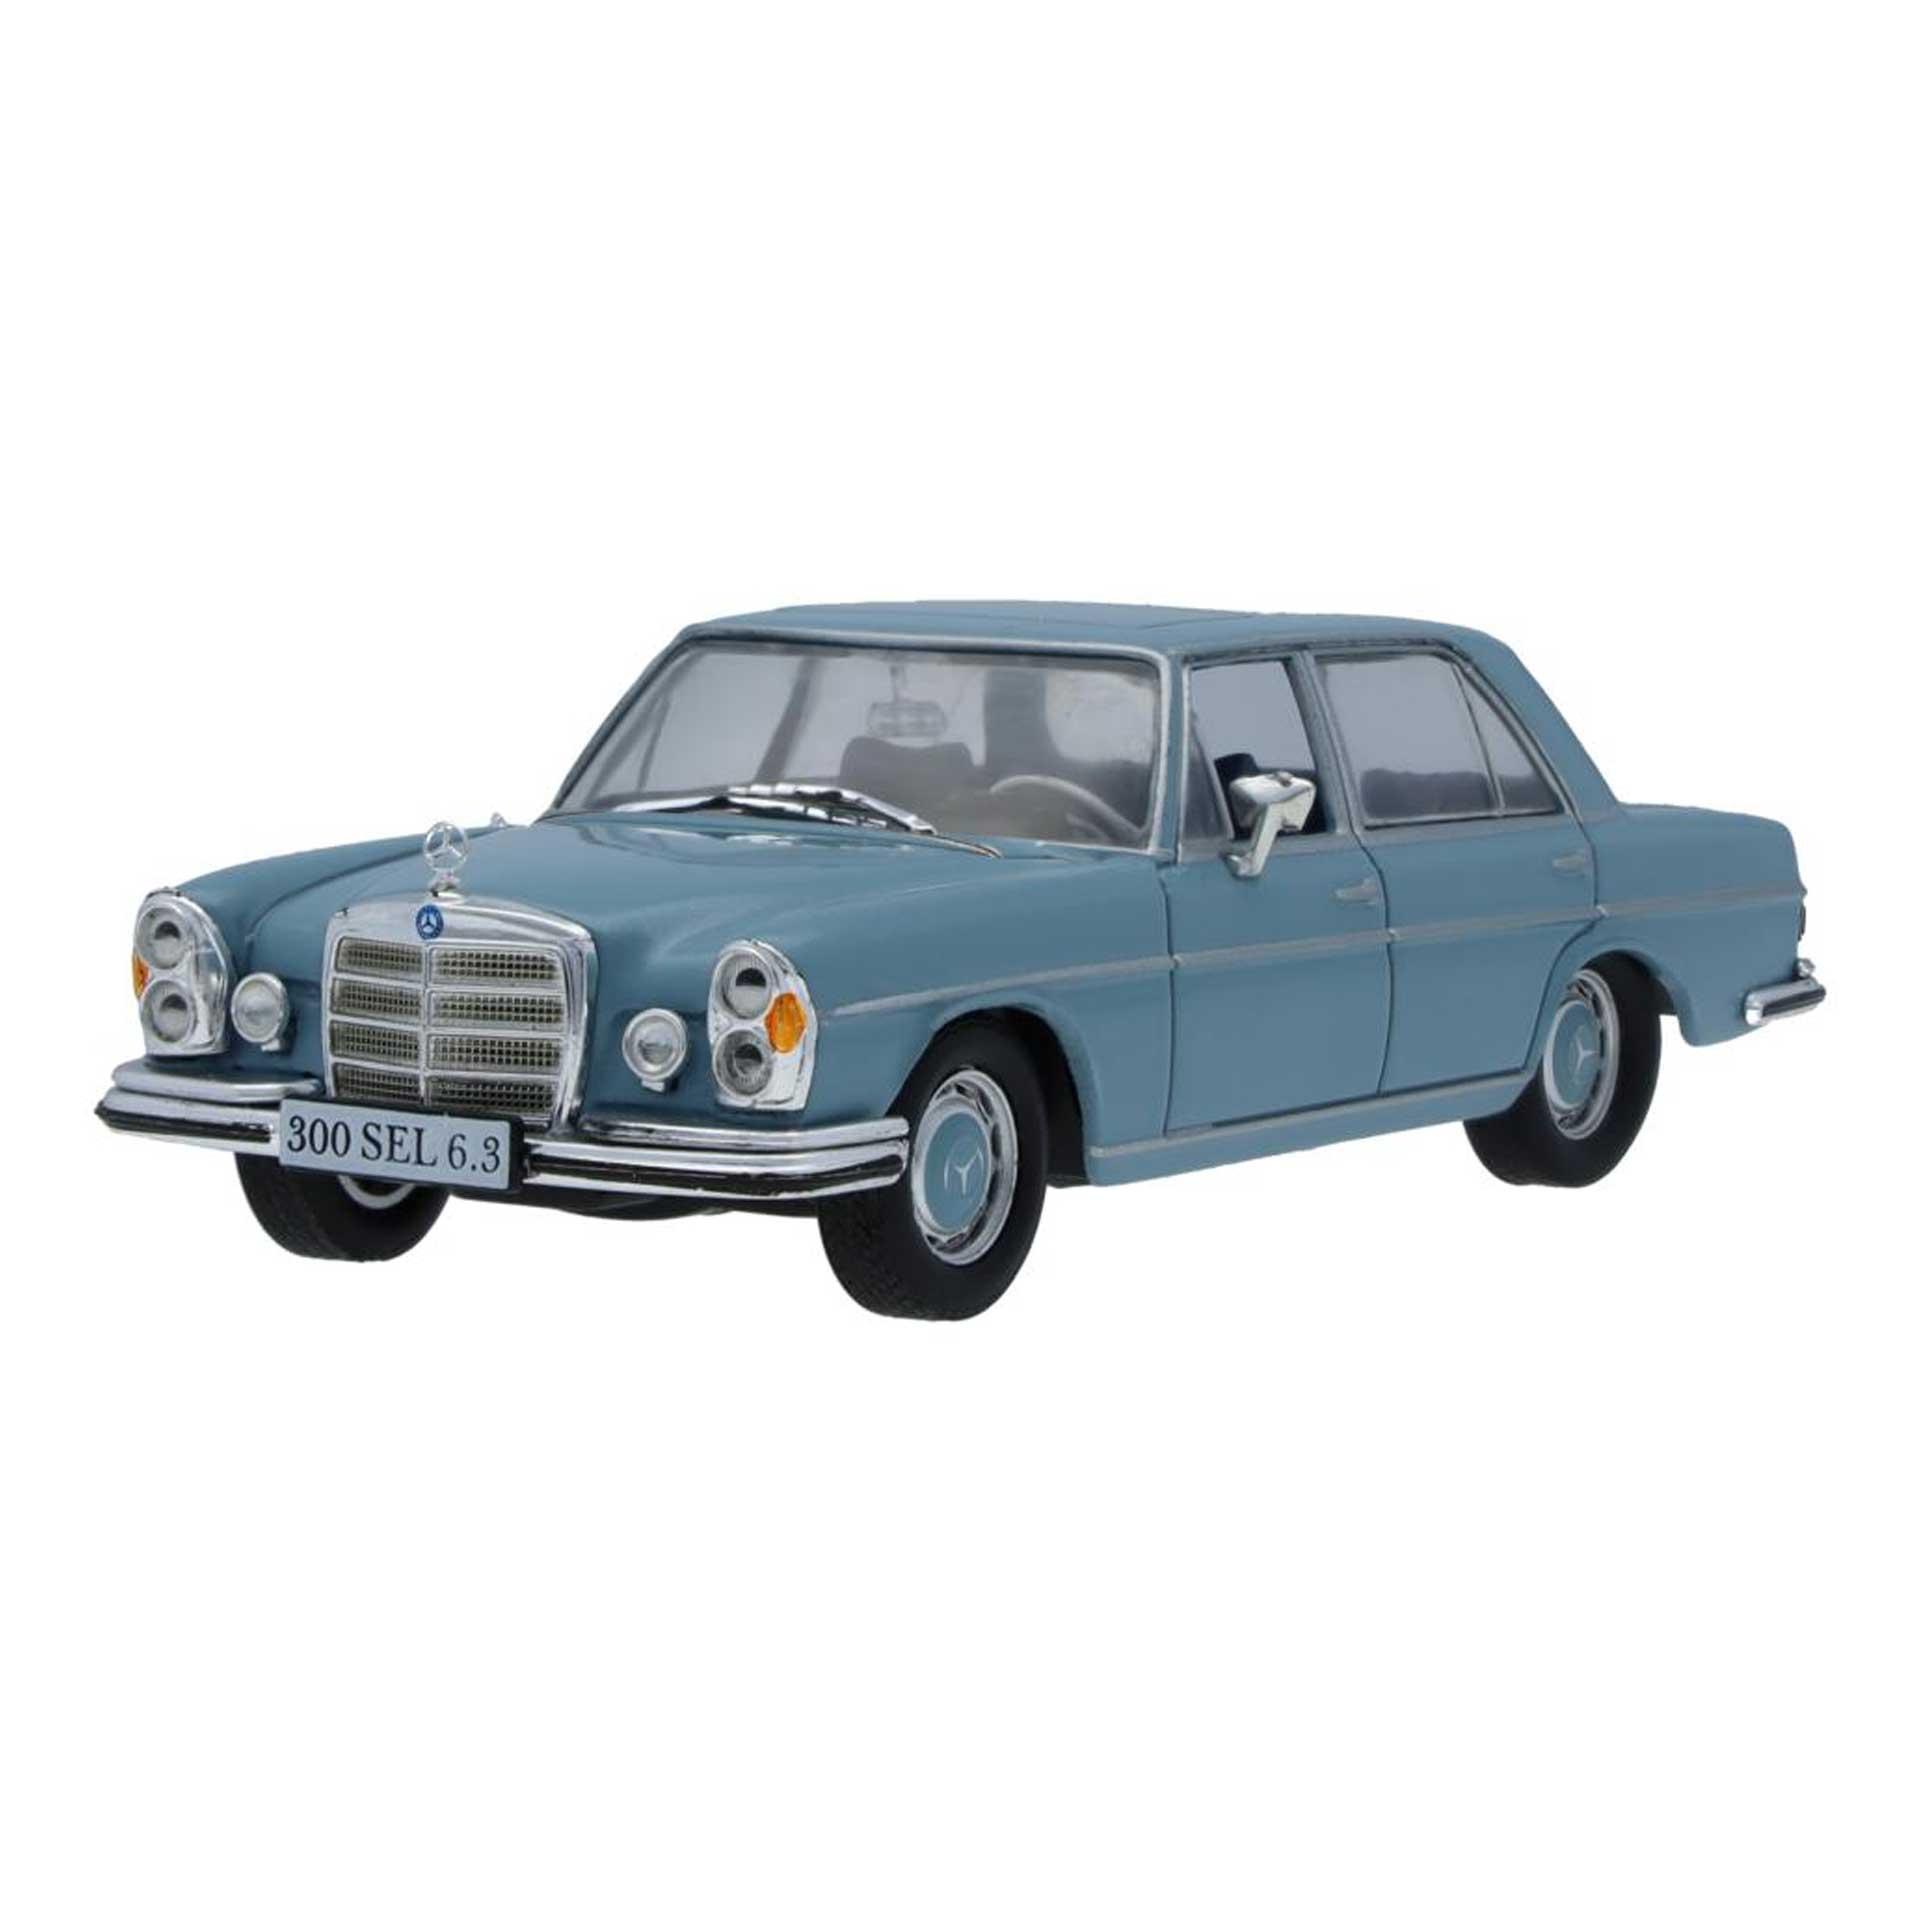 Mercedes-Benz Modellauto 300 SEL 6.3 W 109 (1968-1972) 1:43